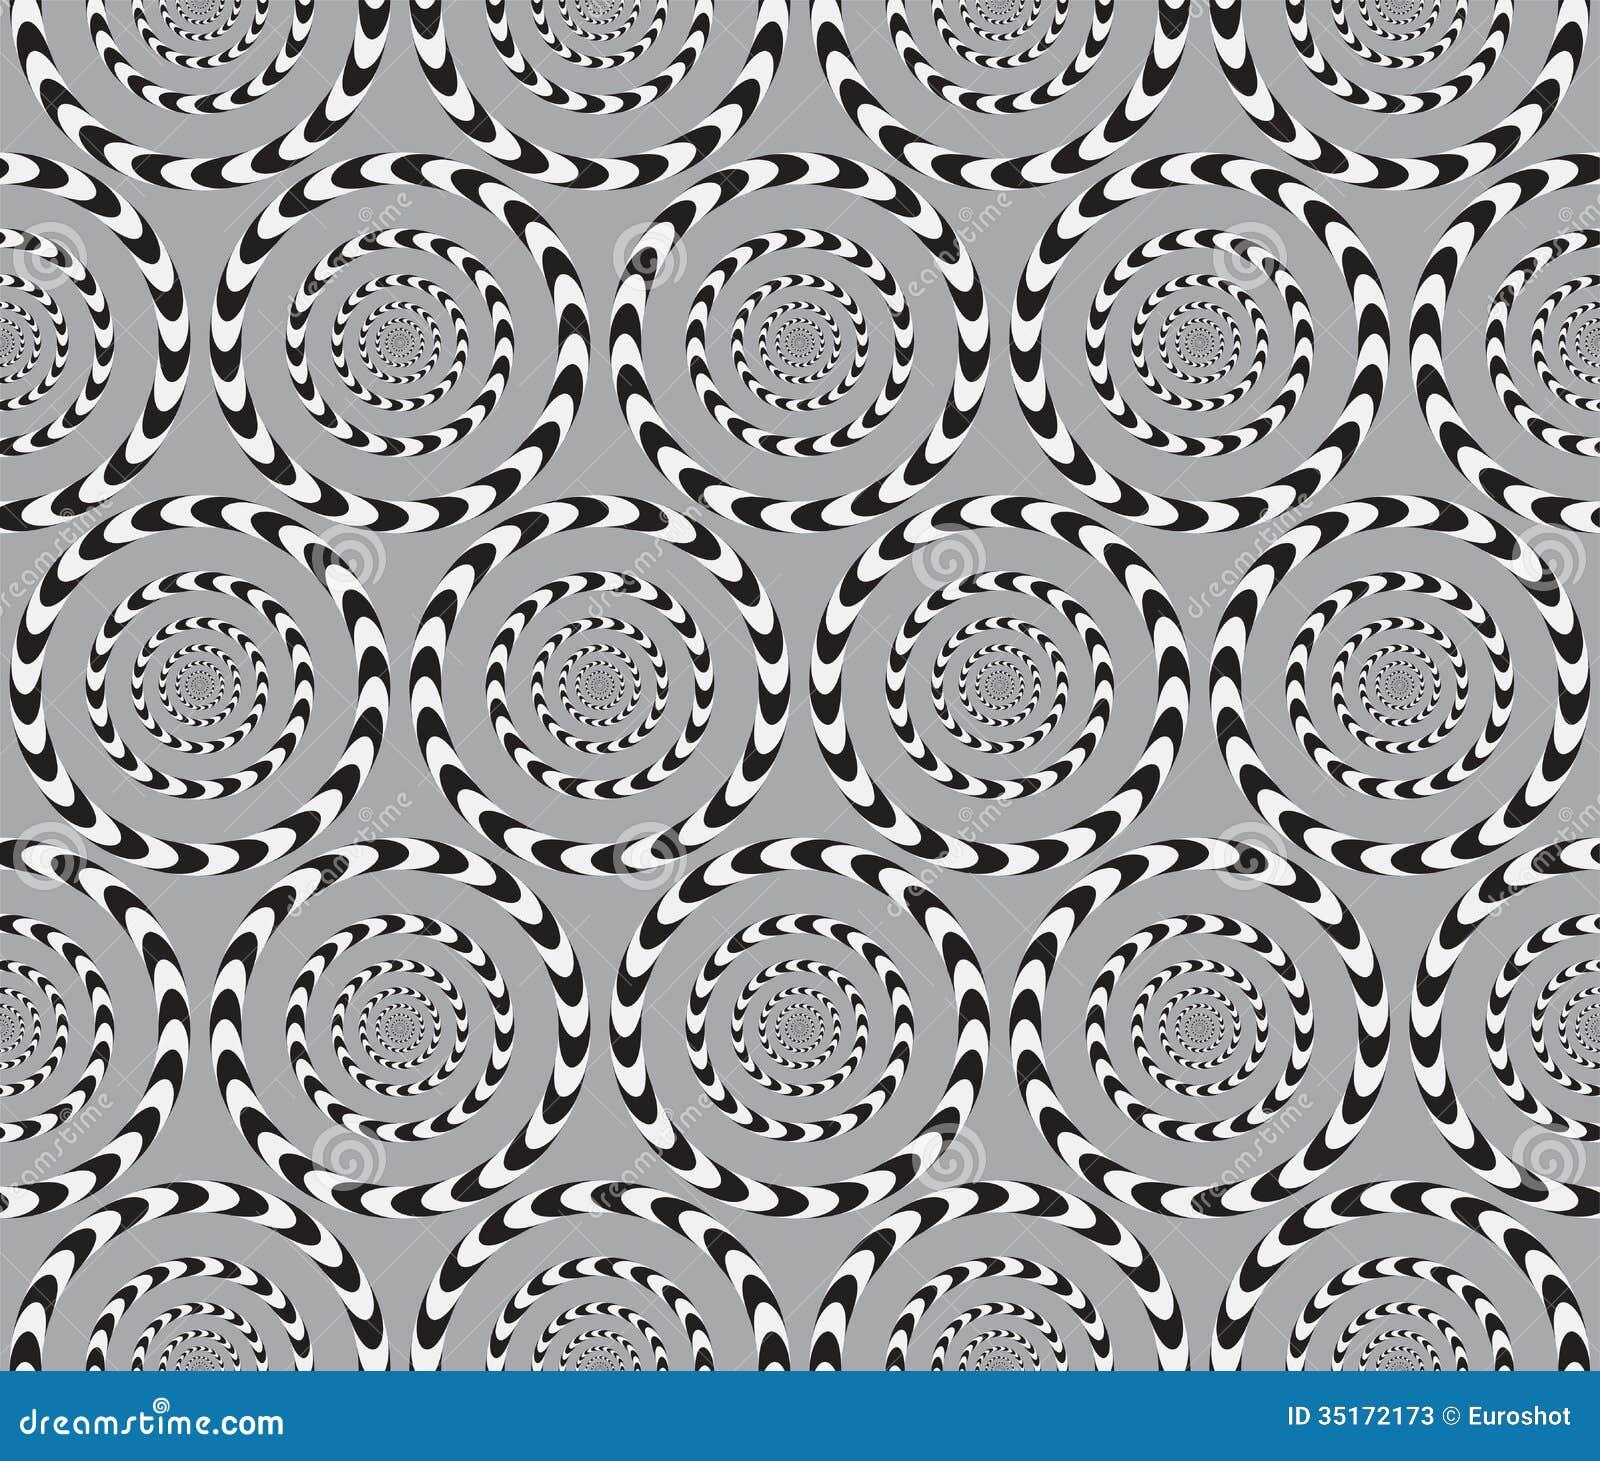 Optisk illusion, sömlös modell för vektor.